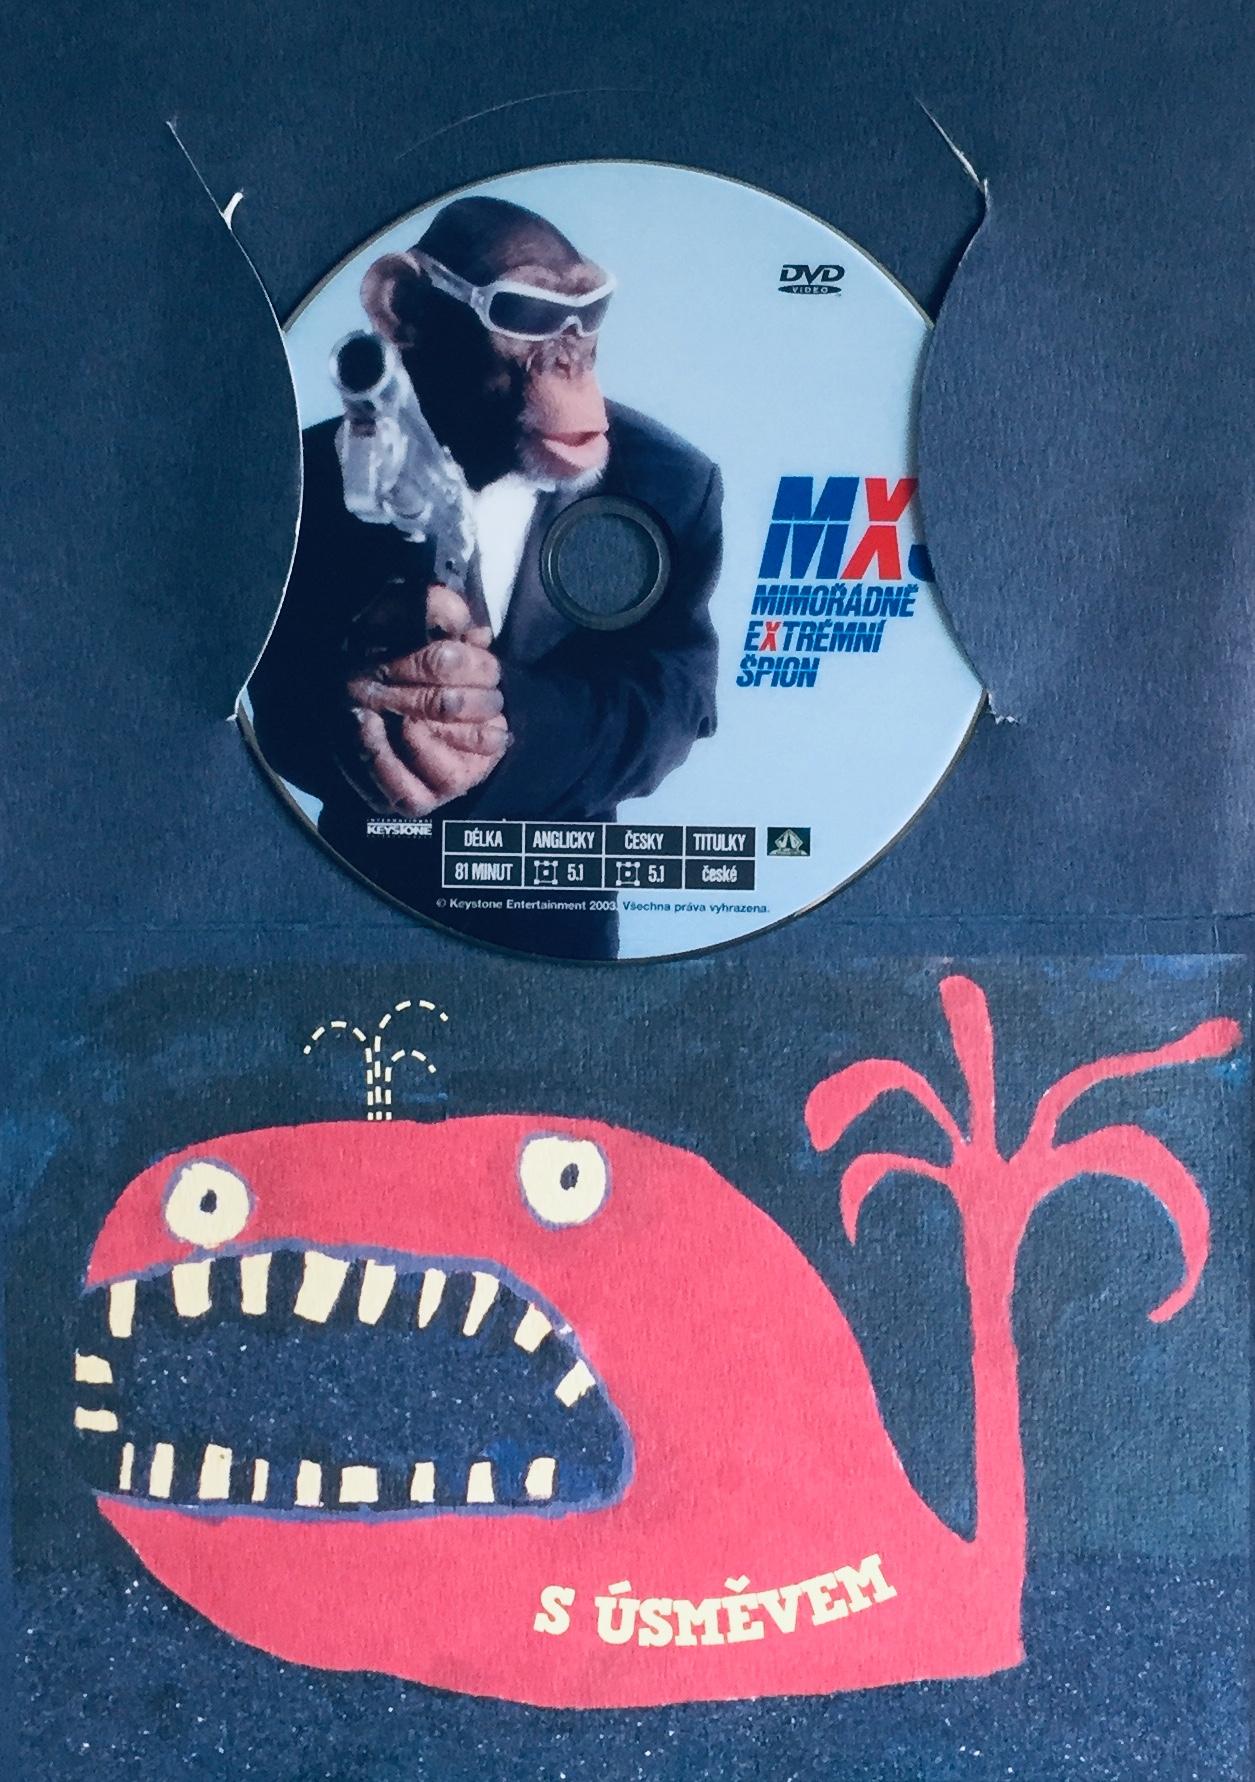 MXŠ - Mimořádně extrémní špion - DVD /dárkový obal/